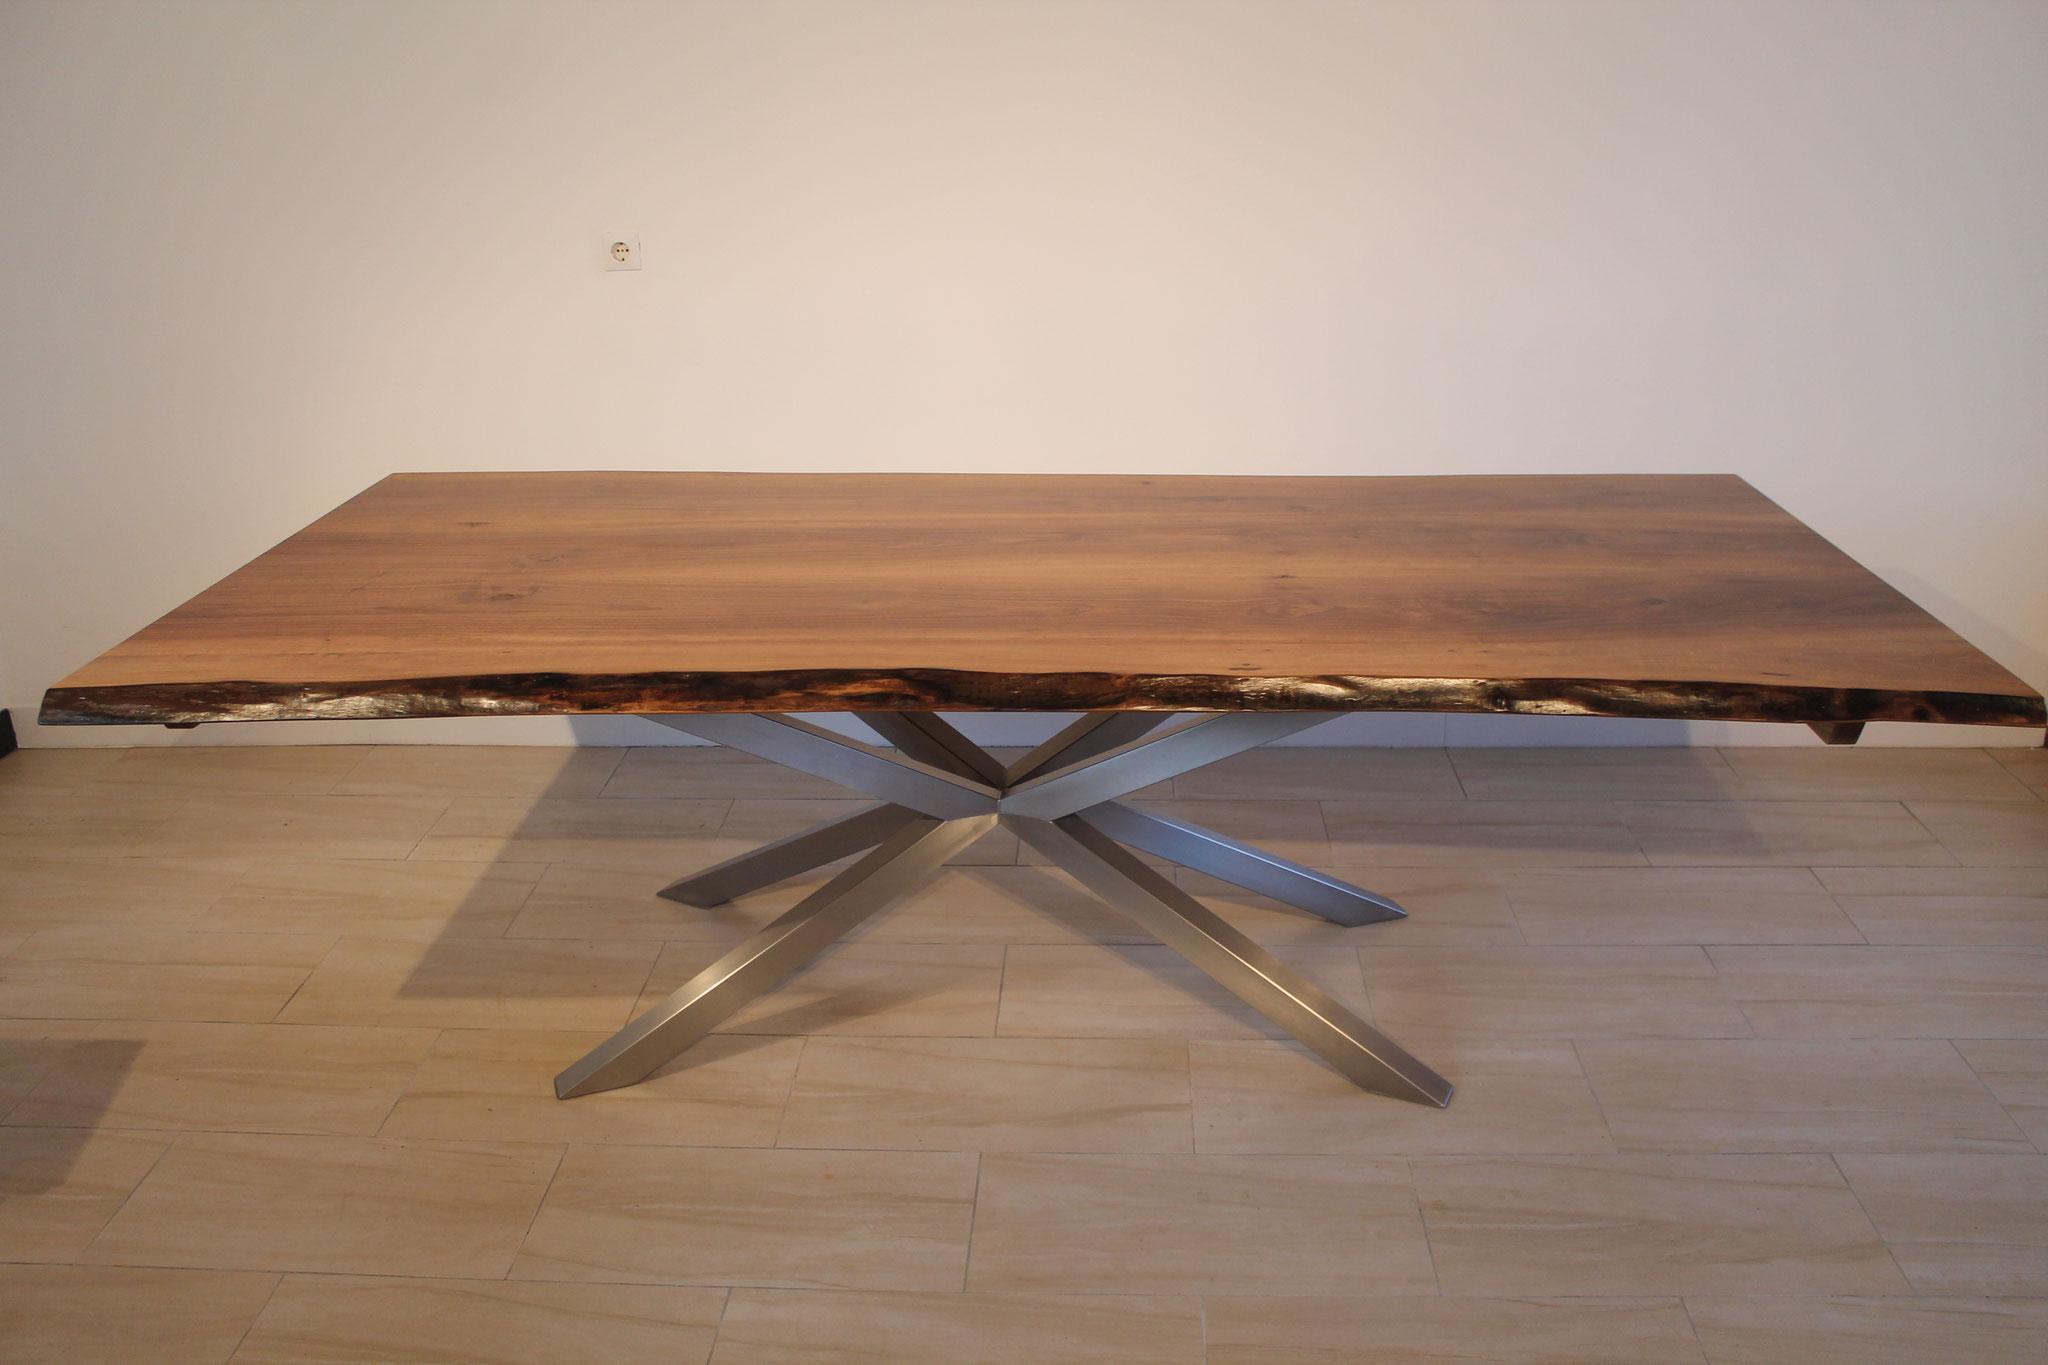 massivholztisch mit stern tischgestell designschreiner artofwood m beldesign wohnambiente. Black Bedroom Furniture Sets. Home Design Ideas